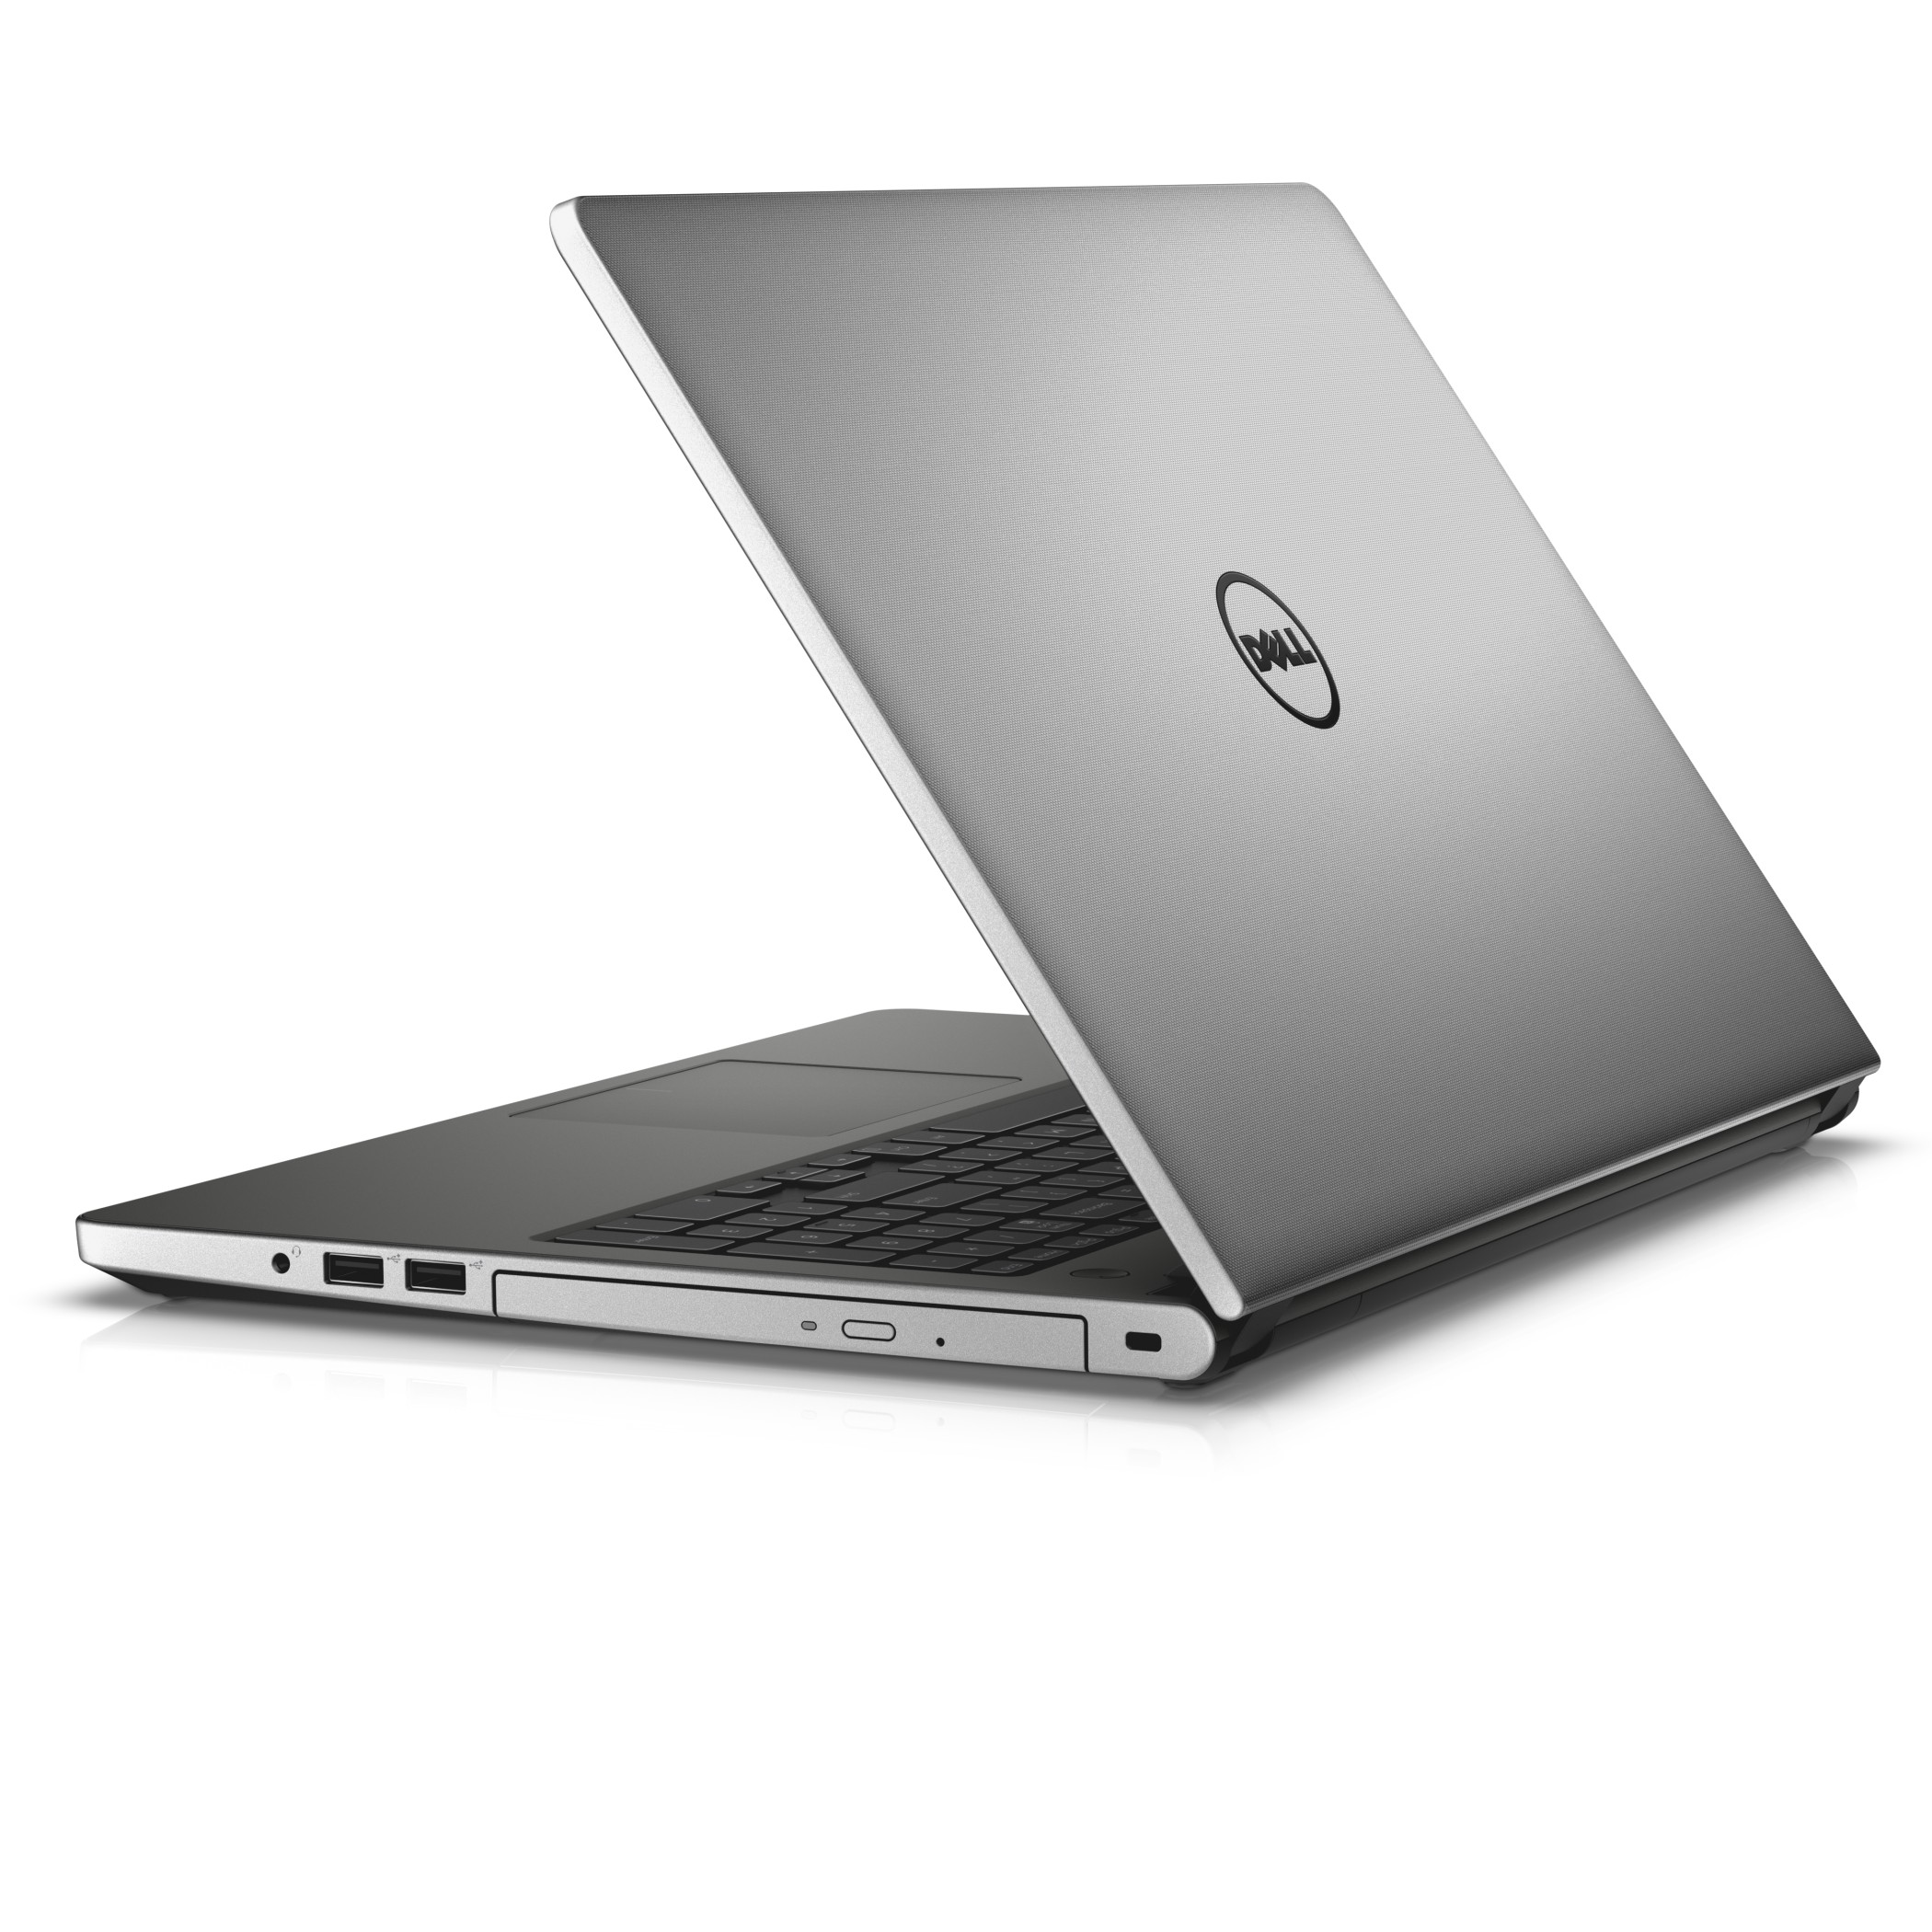 Dell Inspiron 15 5558 15.6